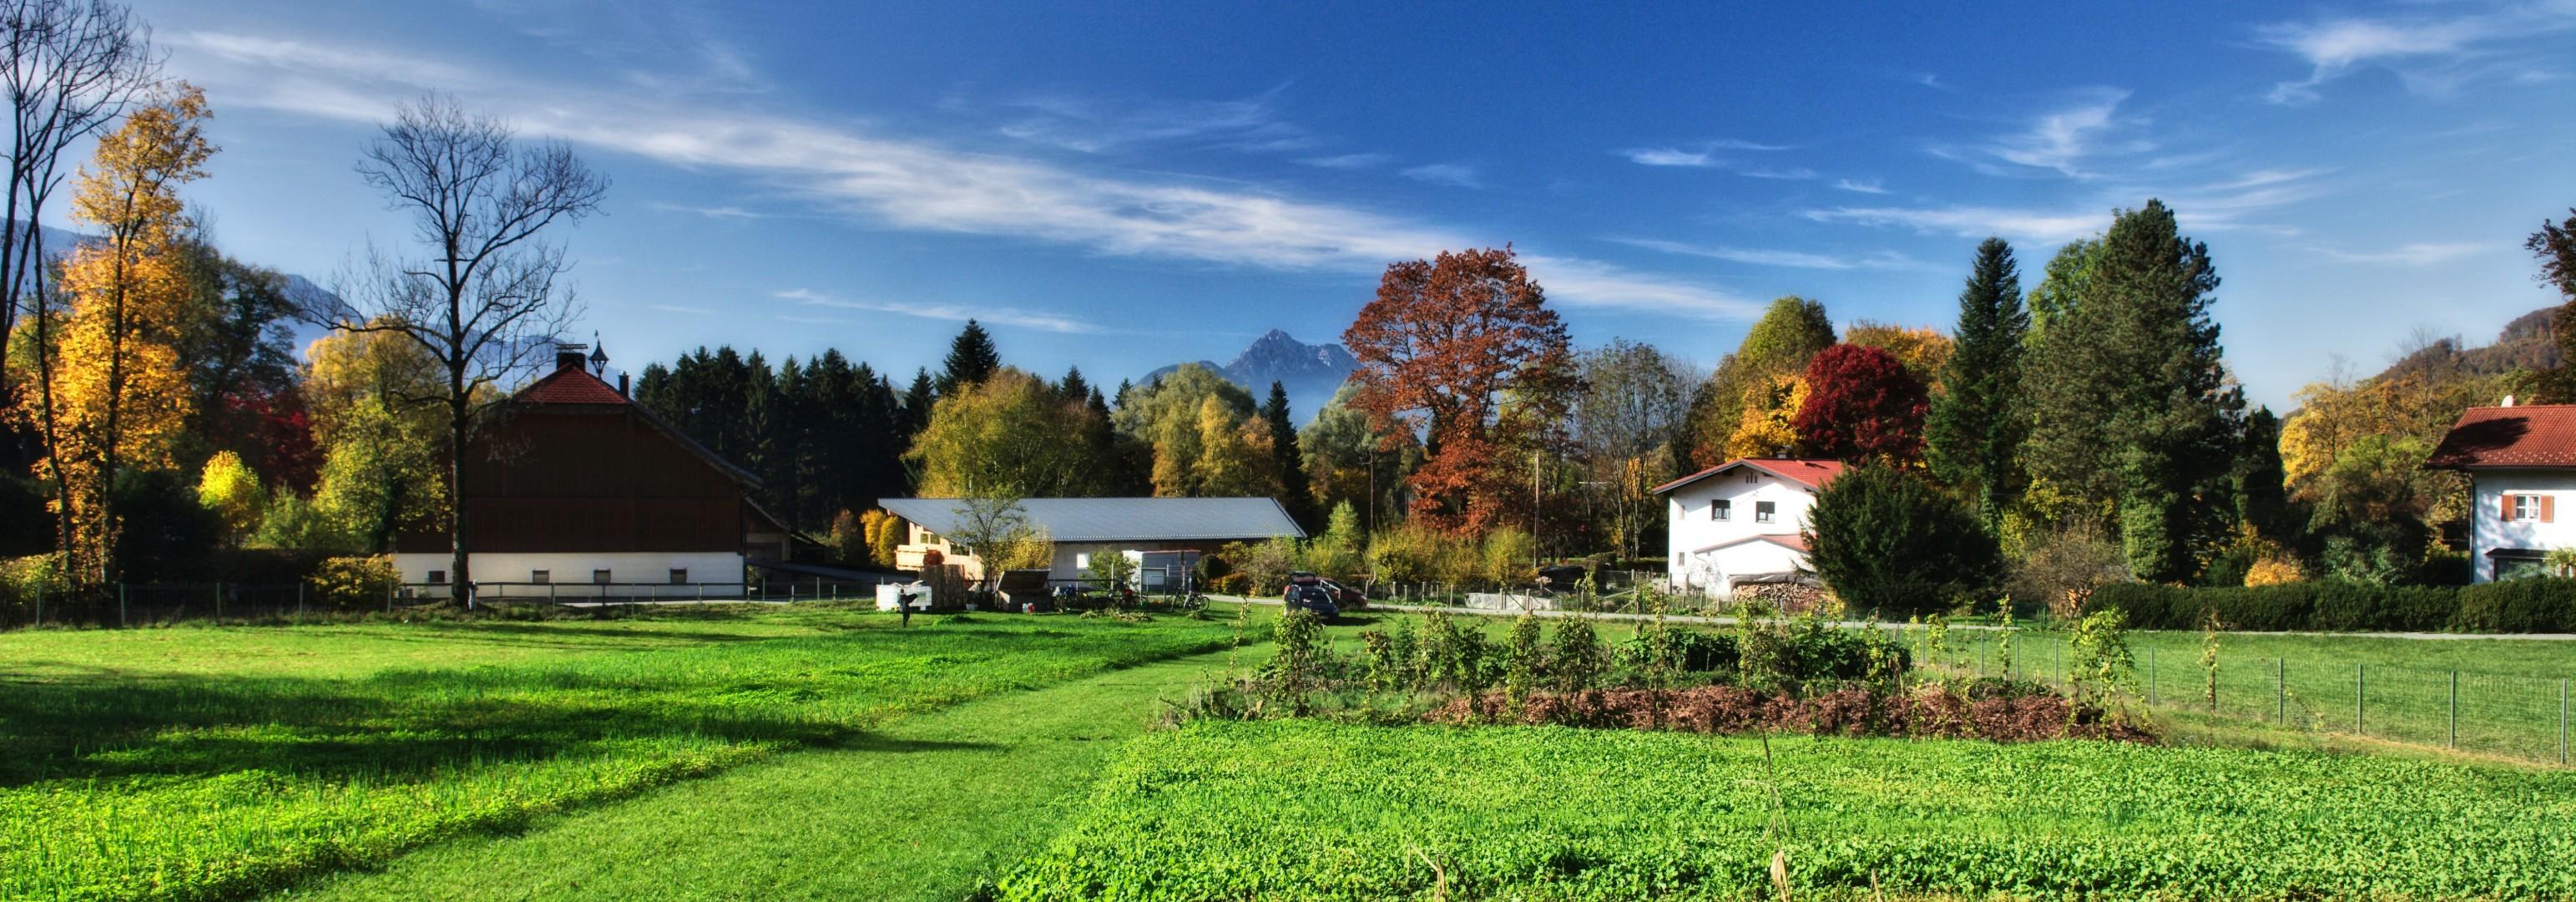 Übersicht Acker im Herbst